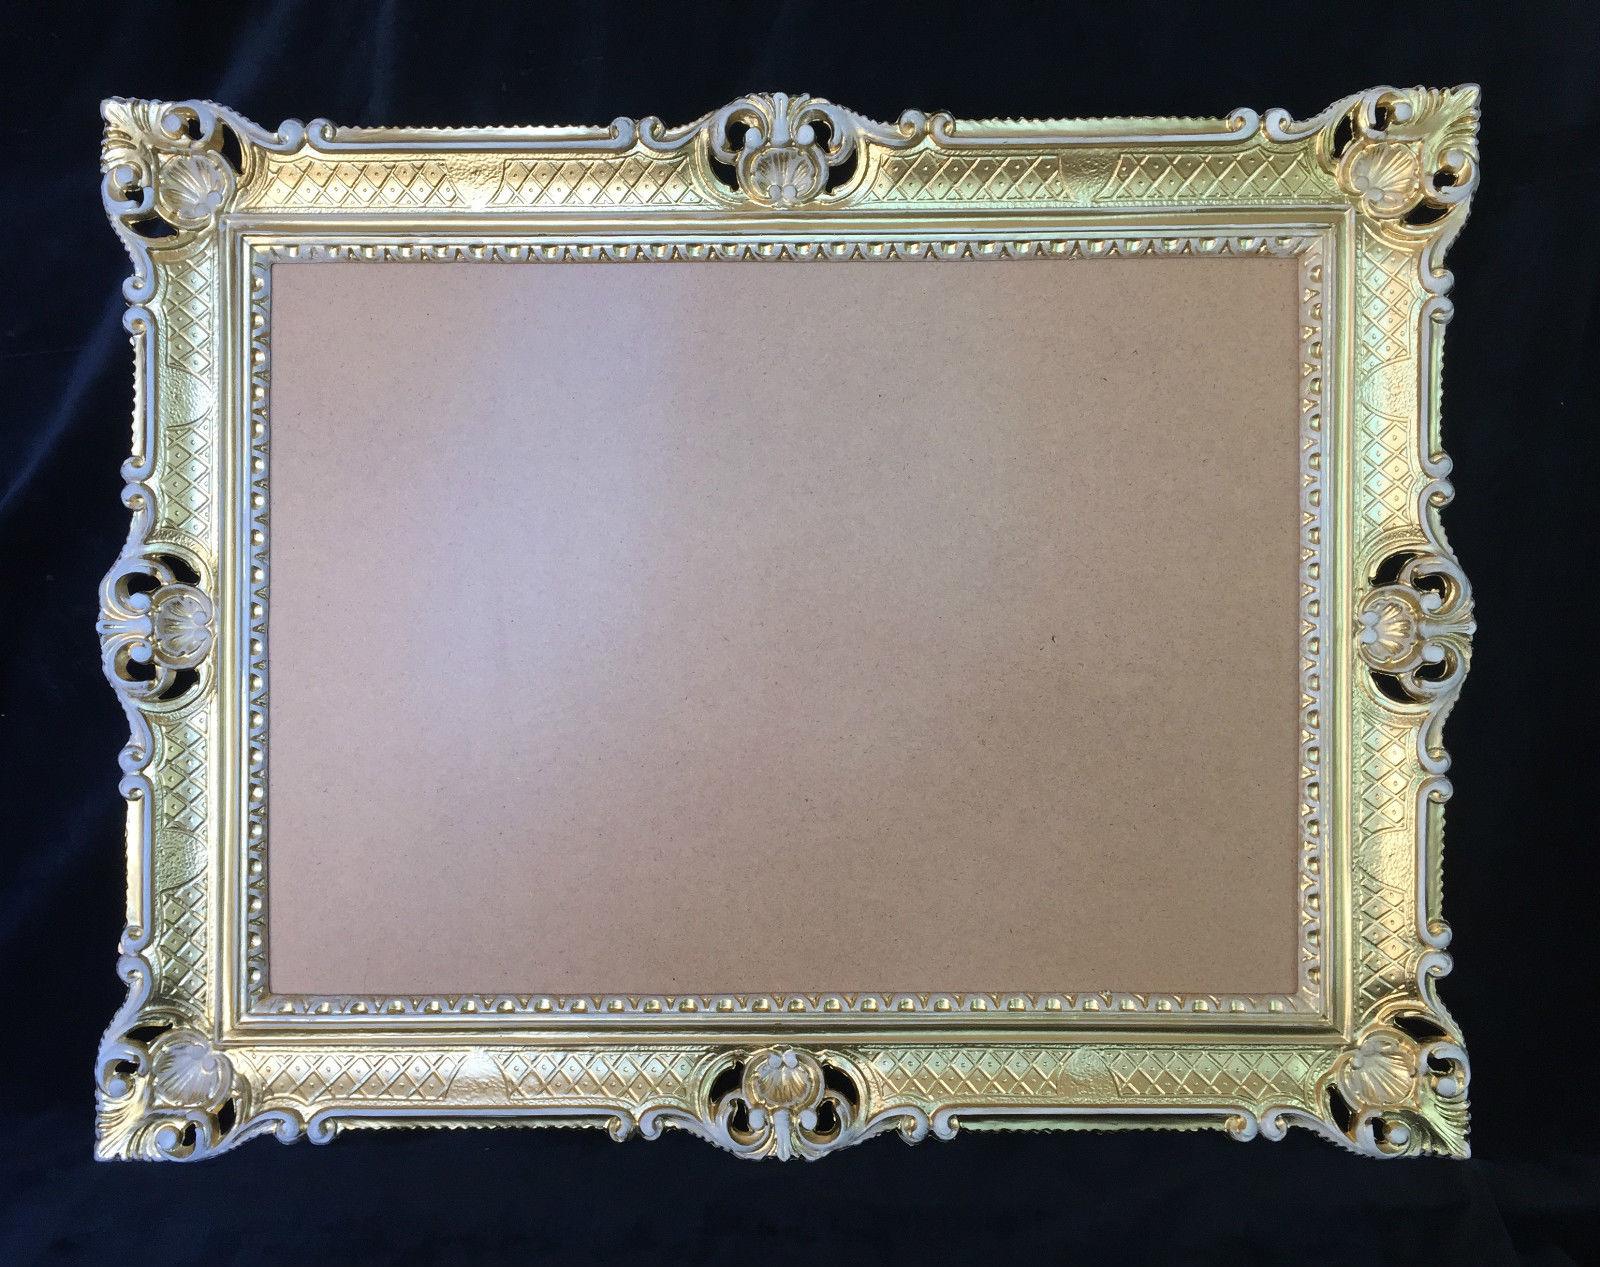 xxl bilderrahmen gold wei barock antik 90x70 hochzeitsrahmen gro fotorahmen kaufen bei. Black Bedroom Furniture Sets. Home Design Ideas